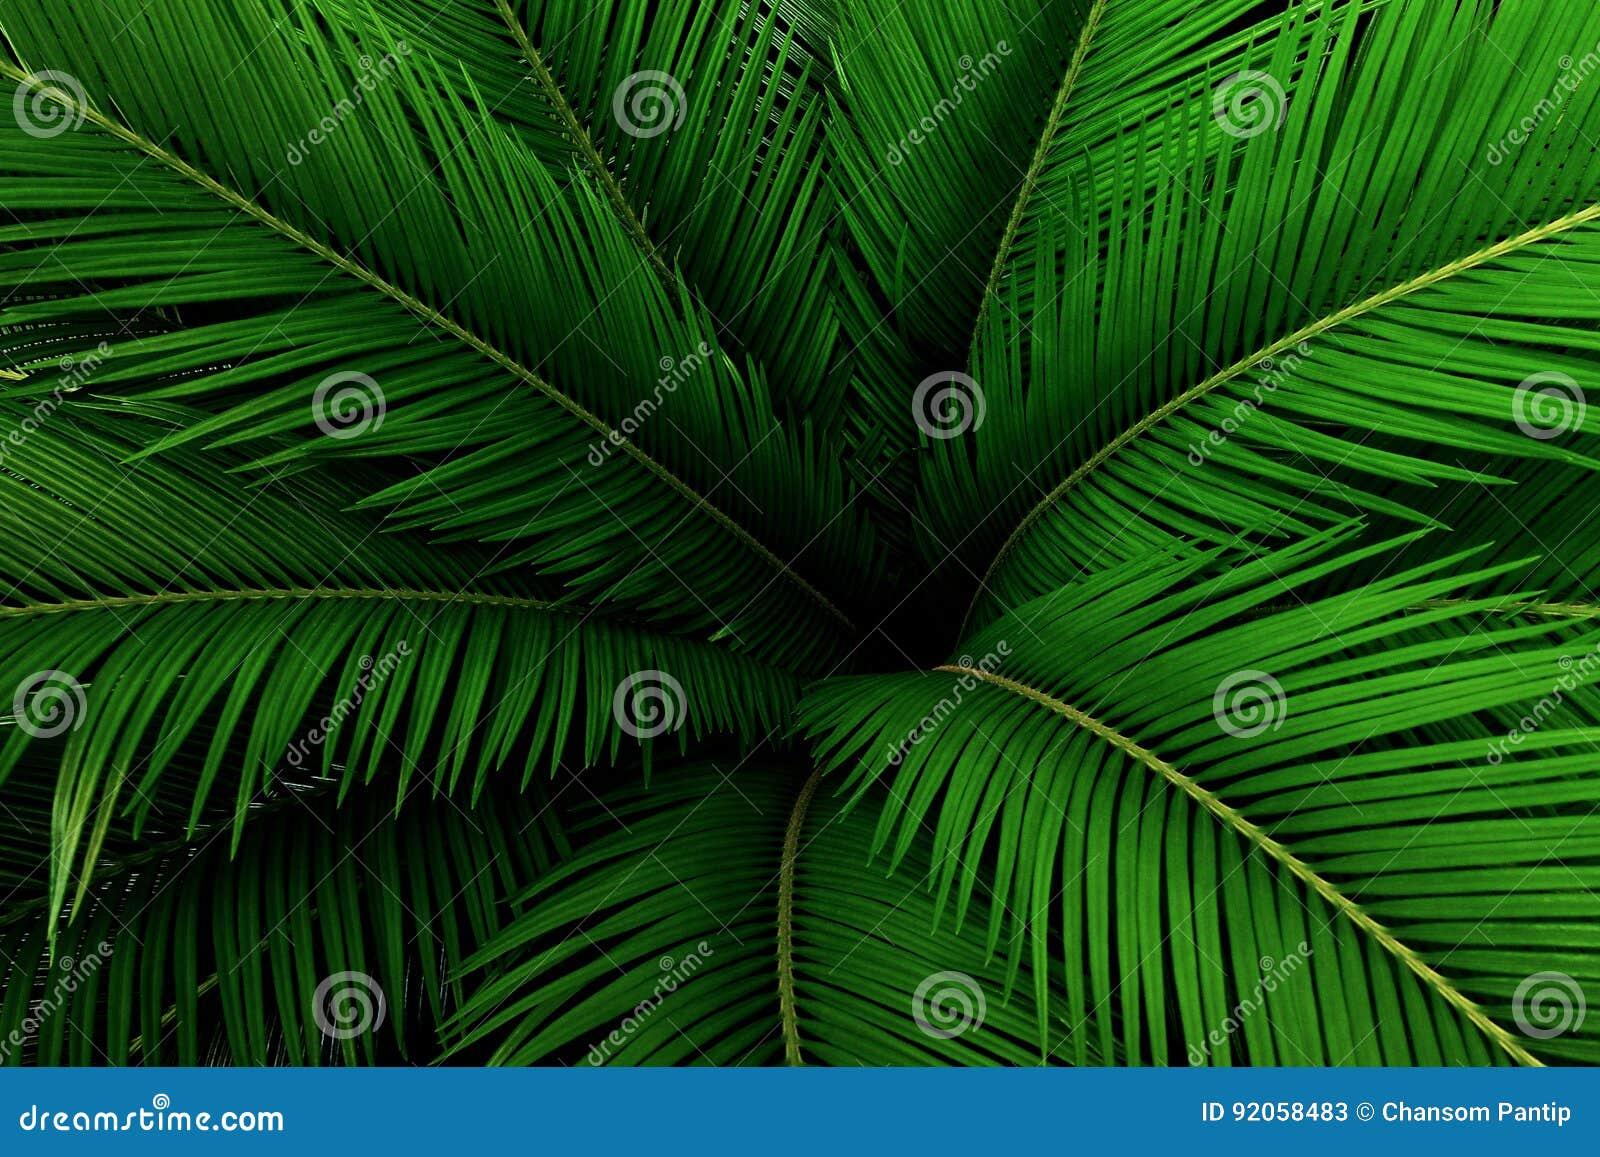 棕榈叶绿色样式,抽象热带背景